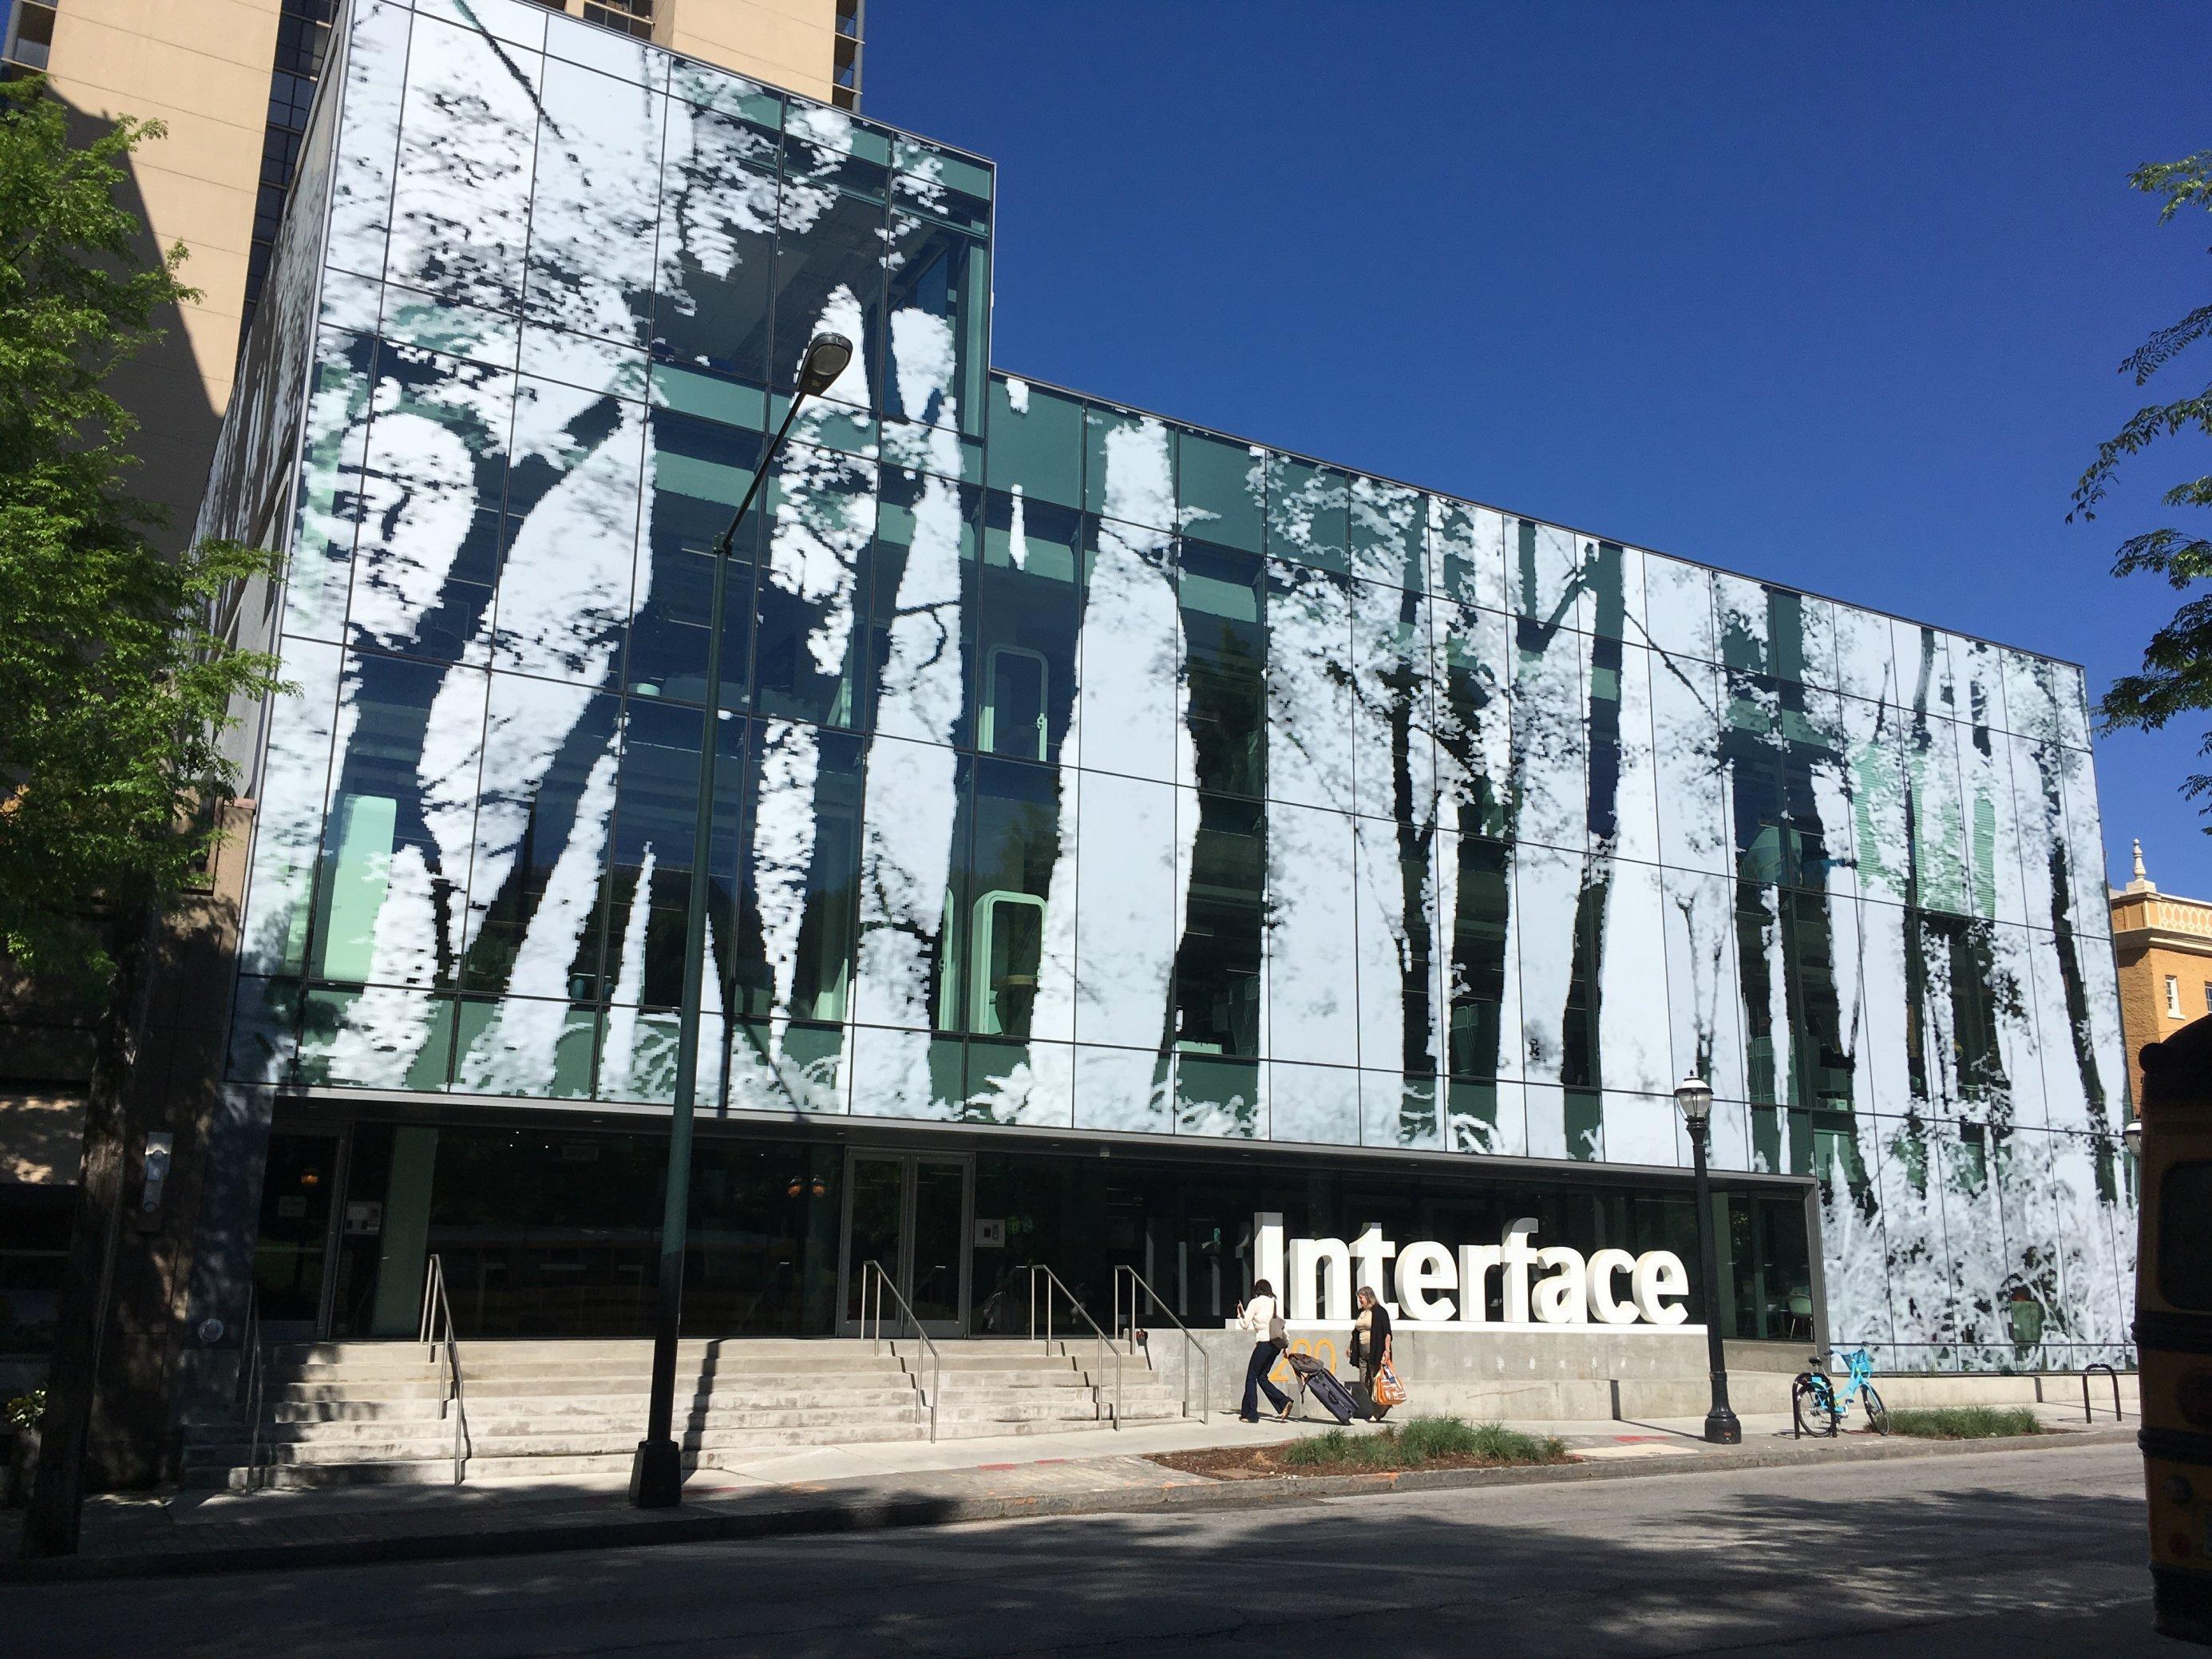 Auf der Fassade ist die naturgetreue, überdimensionierte Abbildung eines Waldstücks zu sehen